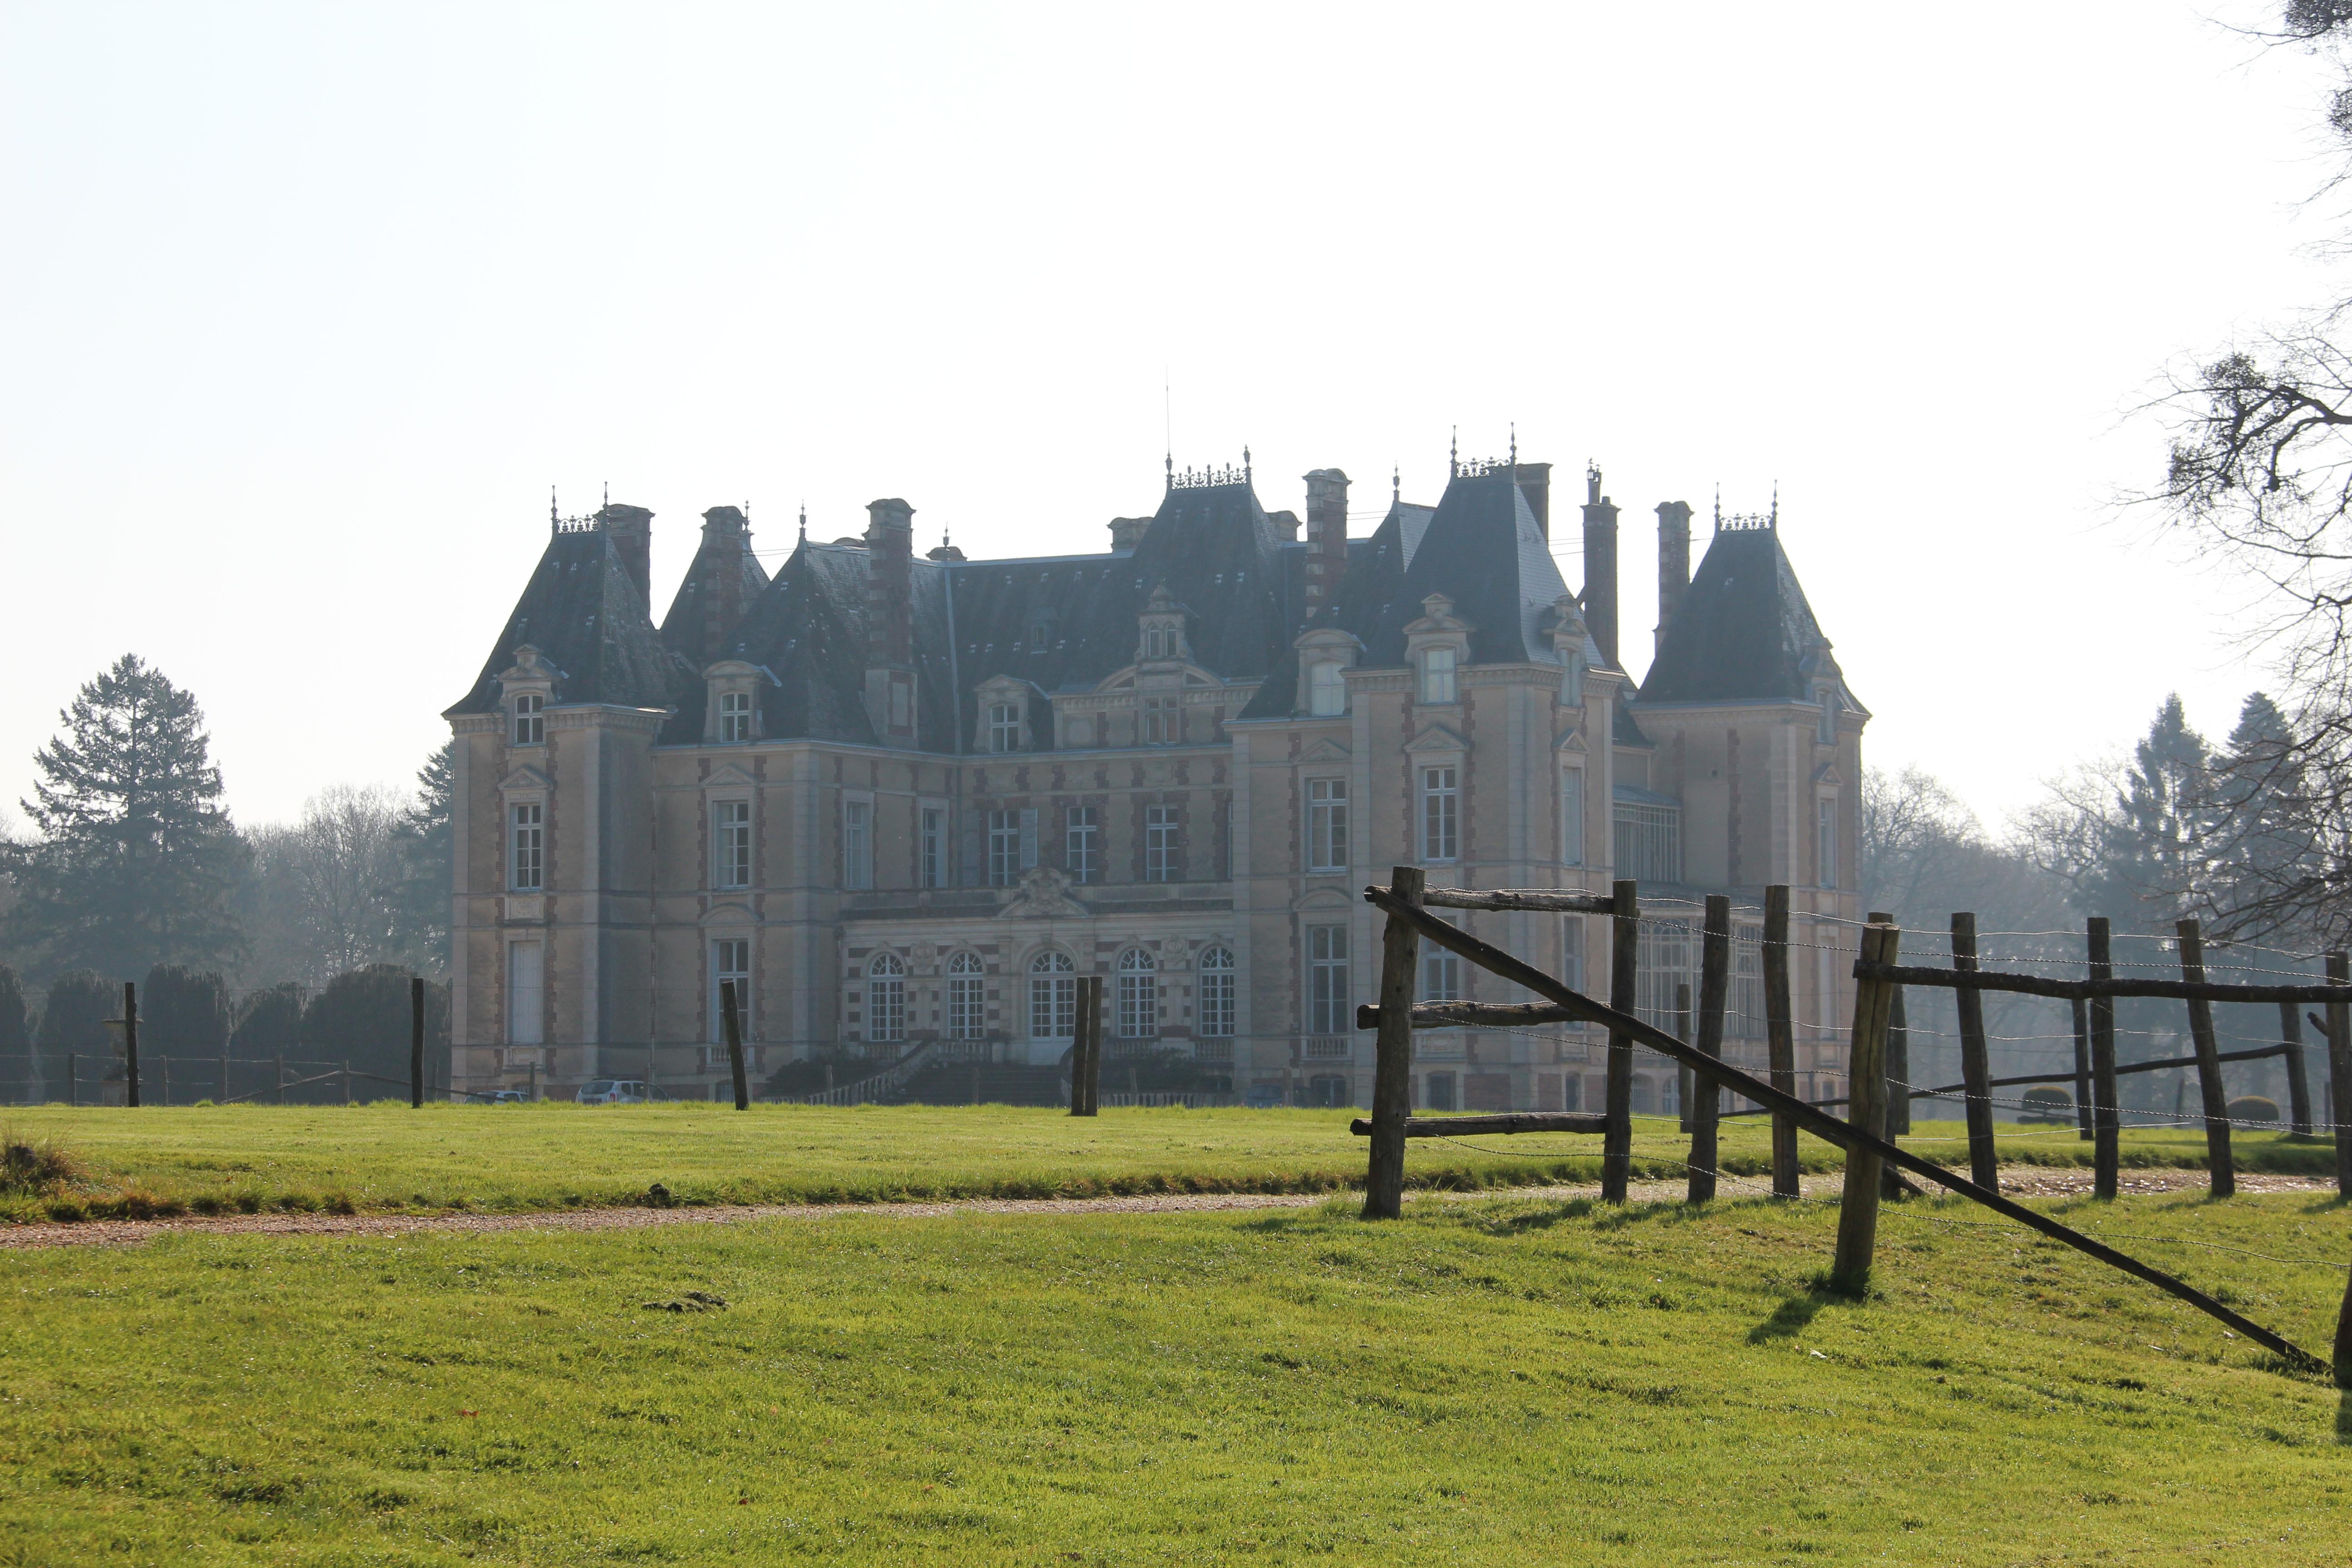 Le Chateau vu depuis la régie